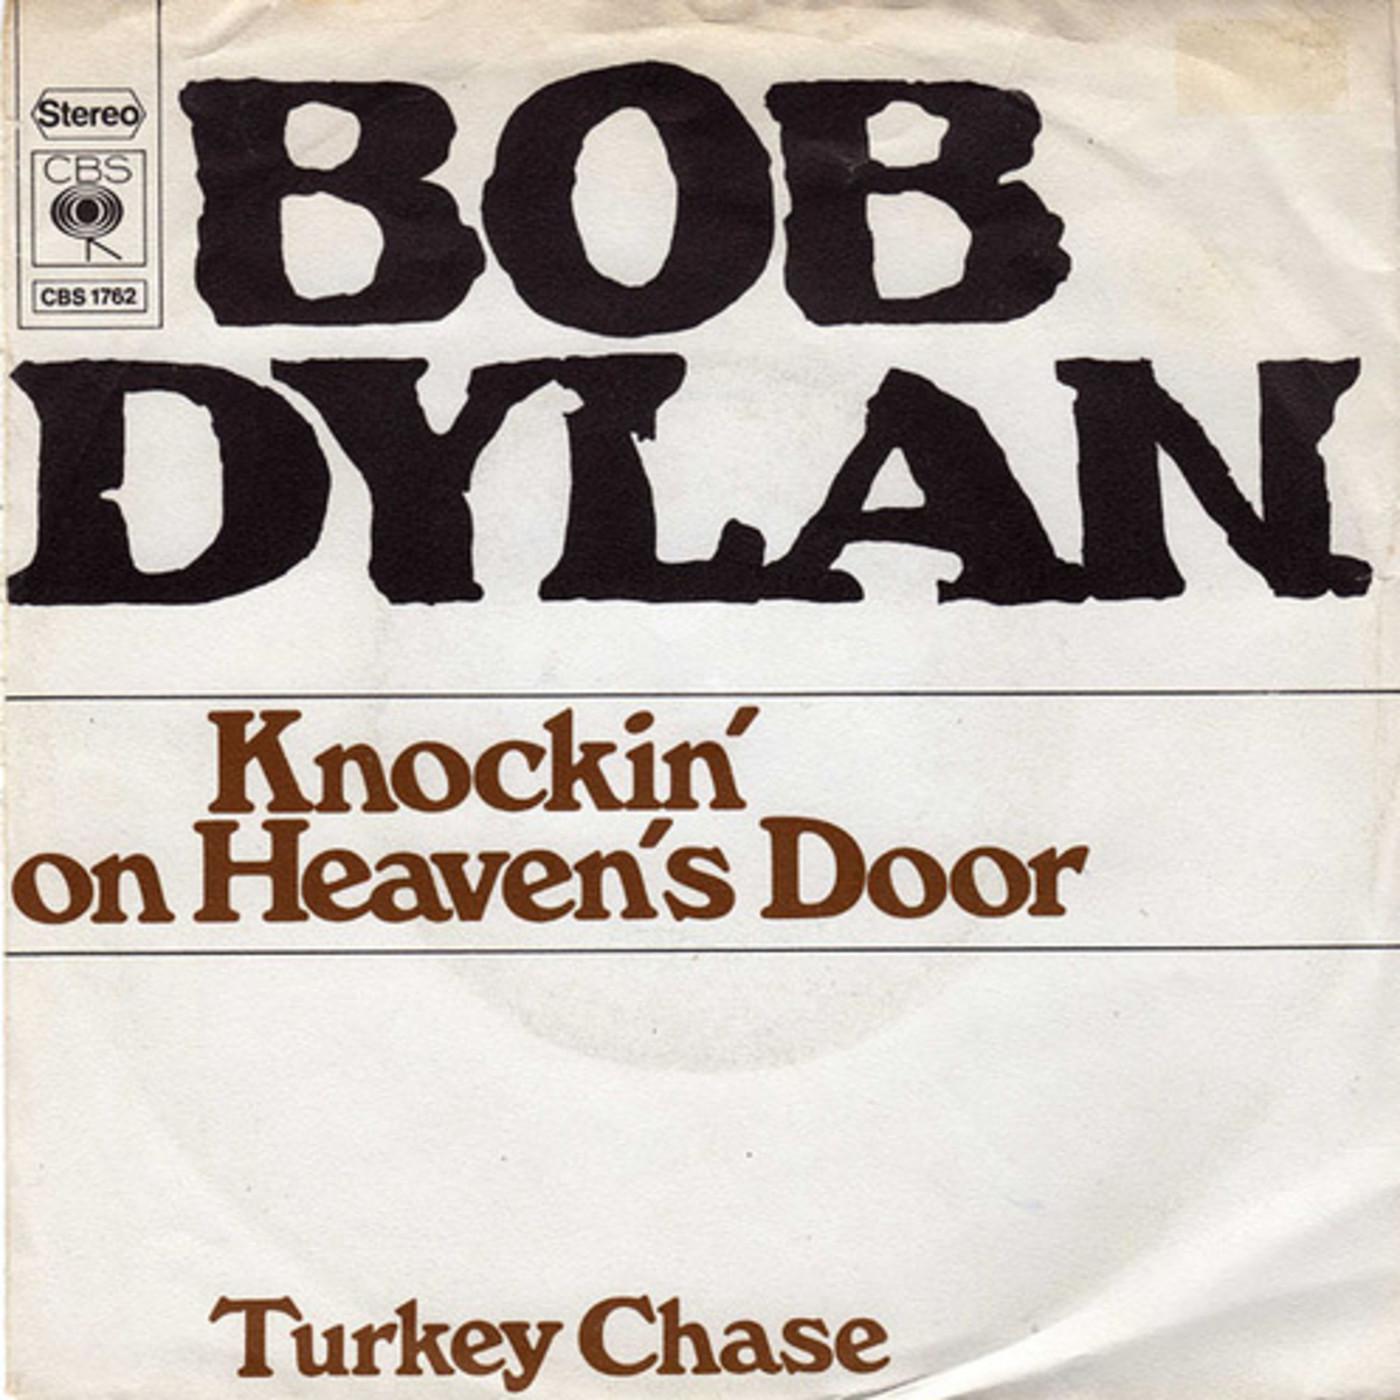 Knockin on heaven s door